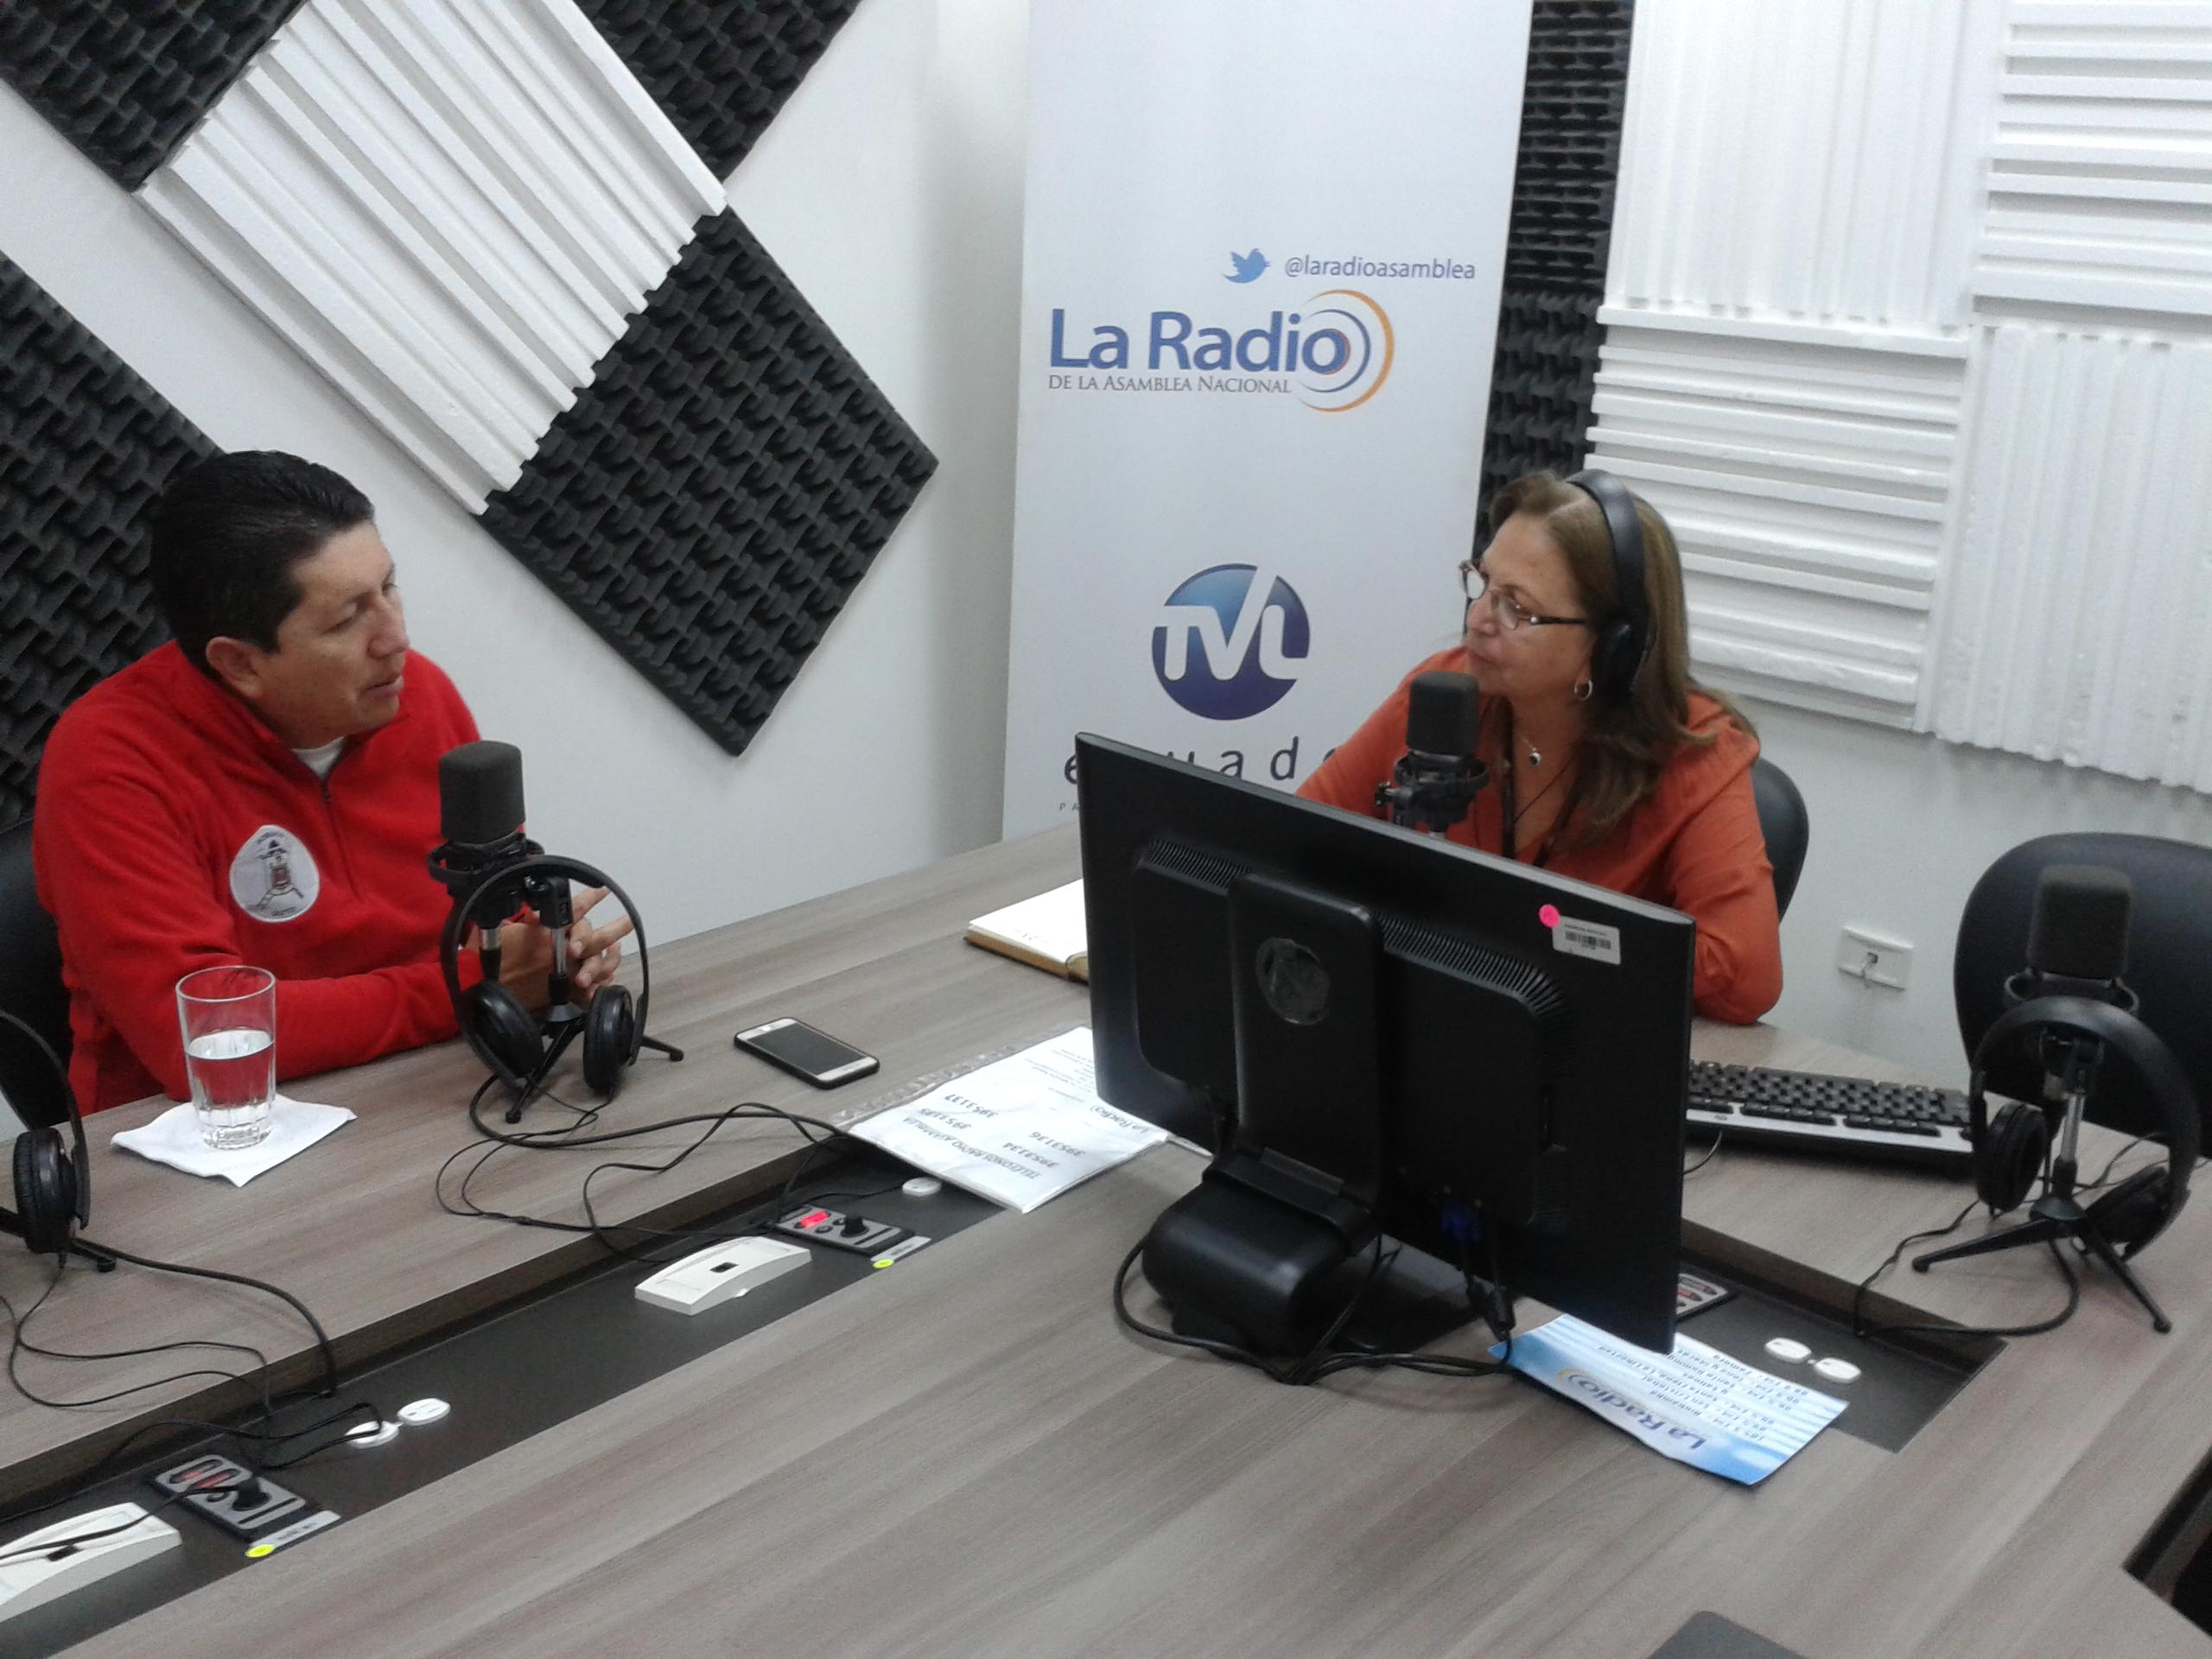 ENTREVISTADOS: EVER ARROYO / RENÉ RAMÍREZ